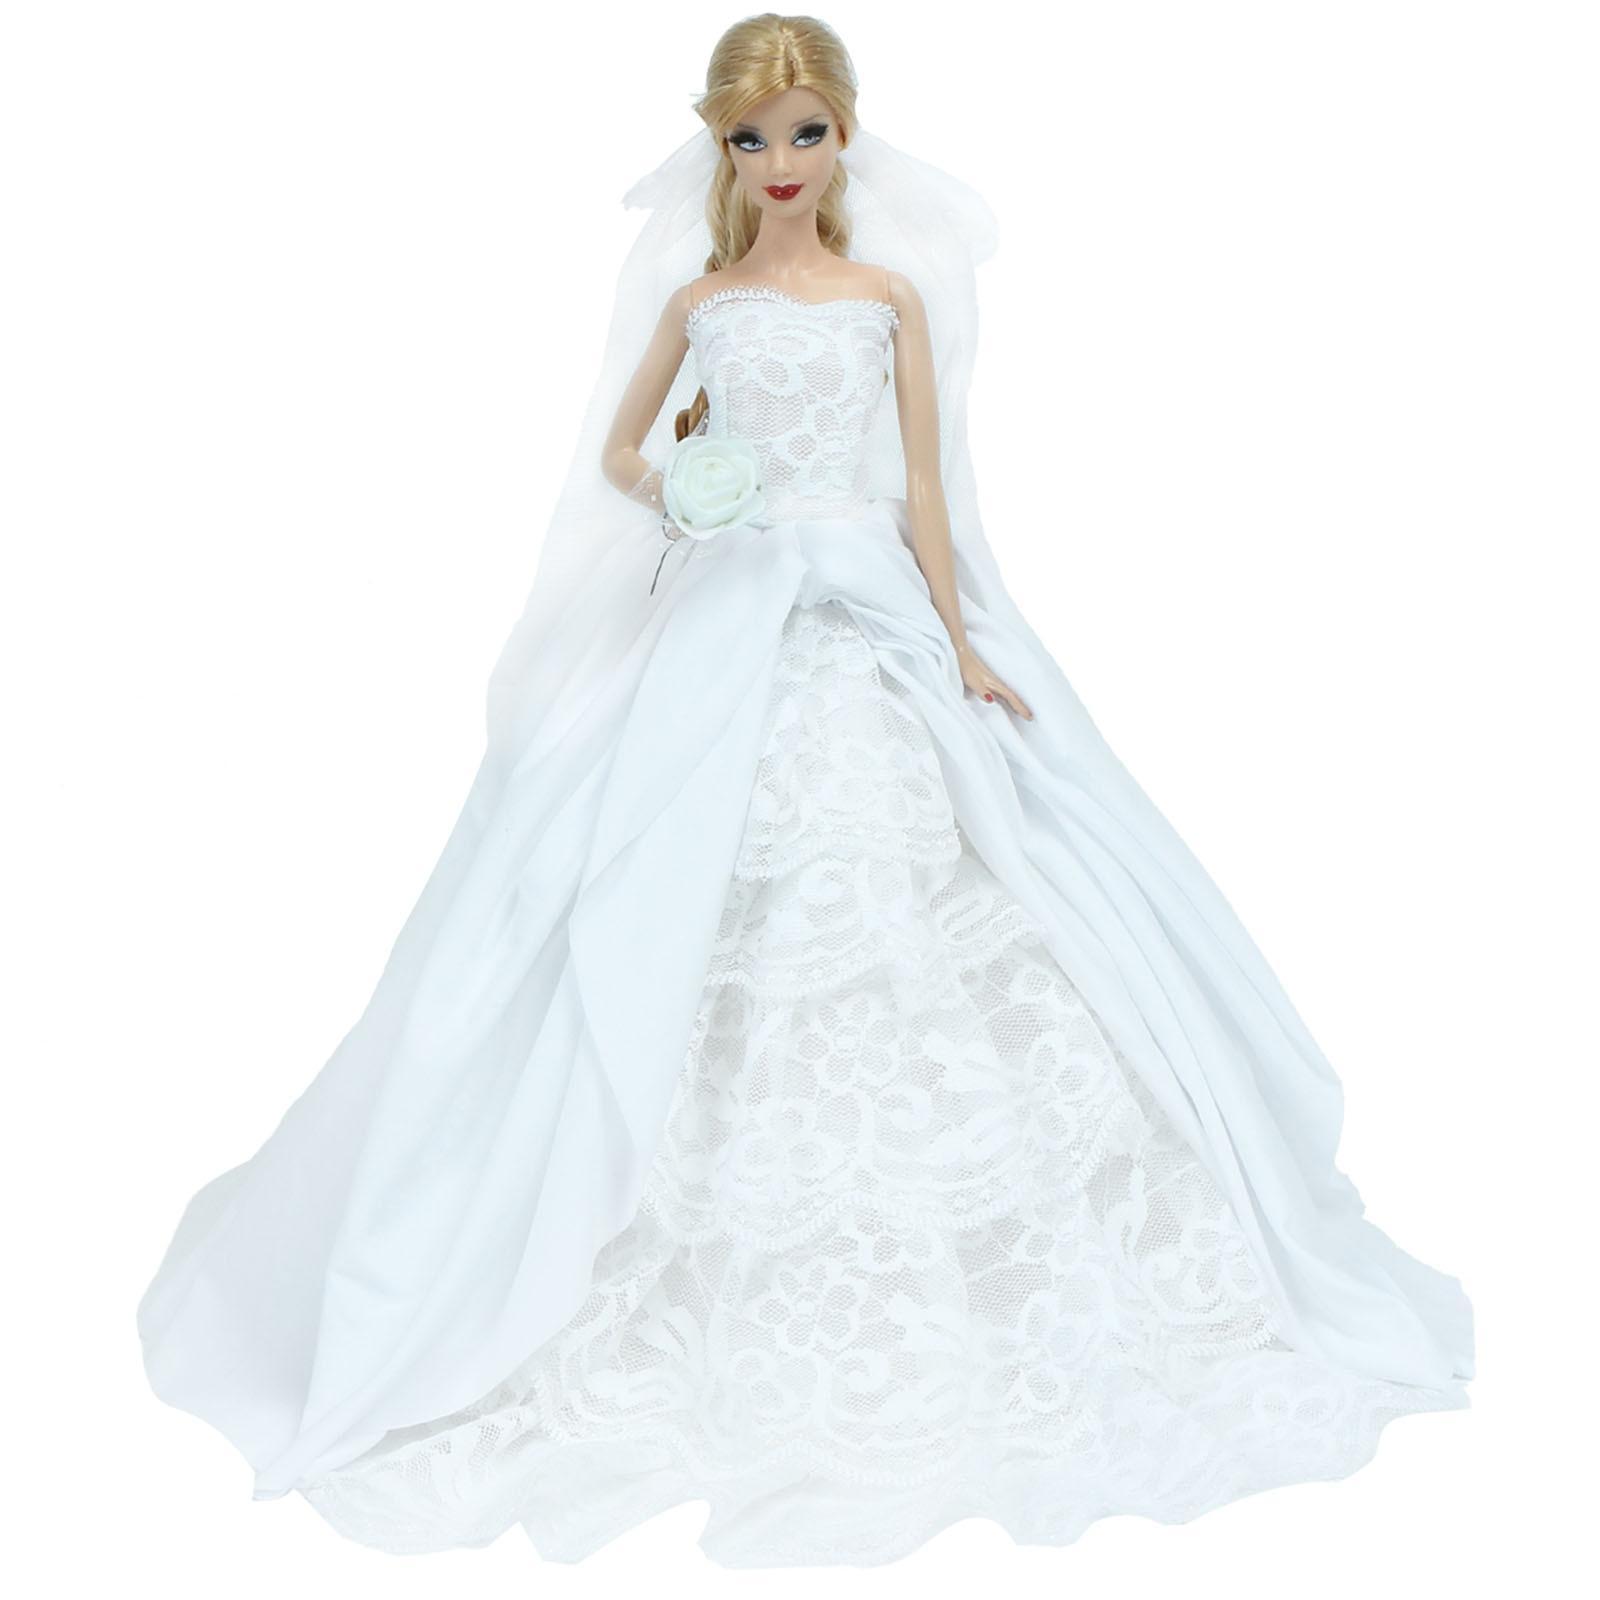 Vestido de fiesta de boda de alta calidad Falda de novia Vestido de princesa con velo Accesorios de matrimonio de moda Ropa para muñeca de Barbie Juguete